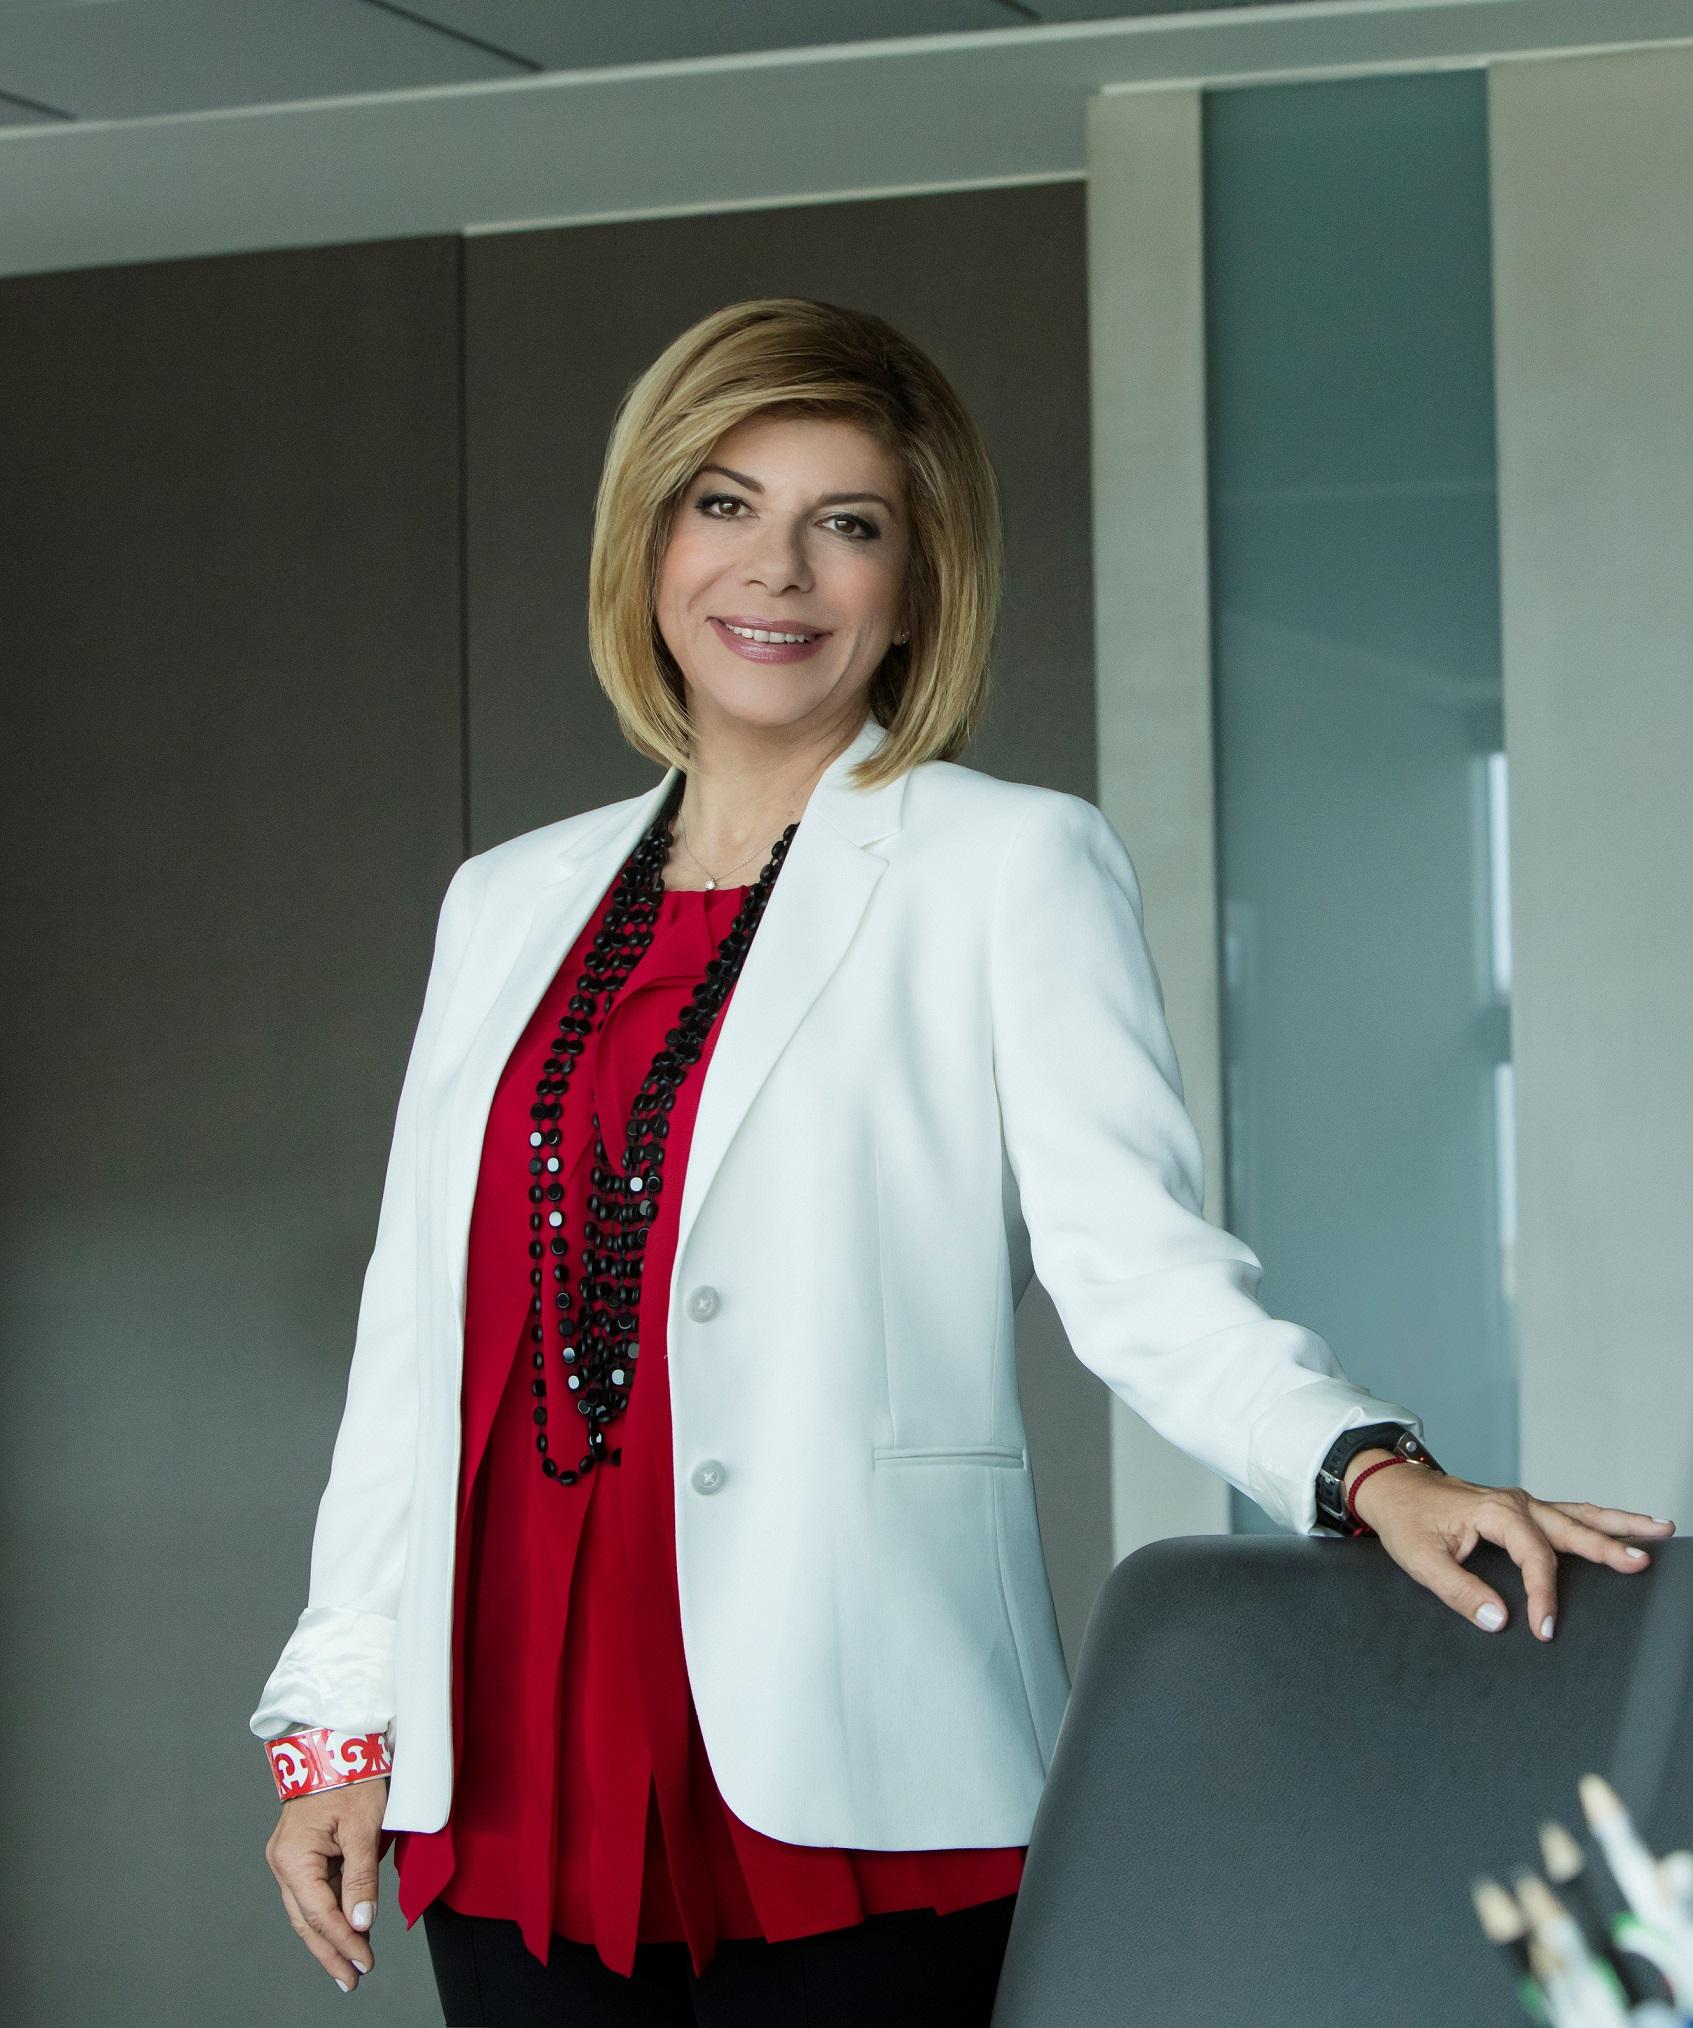 Η Chief Officer Ανθρώπινου Δυναμικού Ομίλου ΟΤΕ, κα Έλενα Παπαδοπούλου